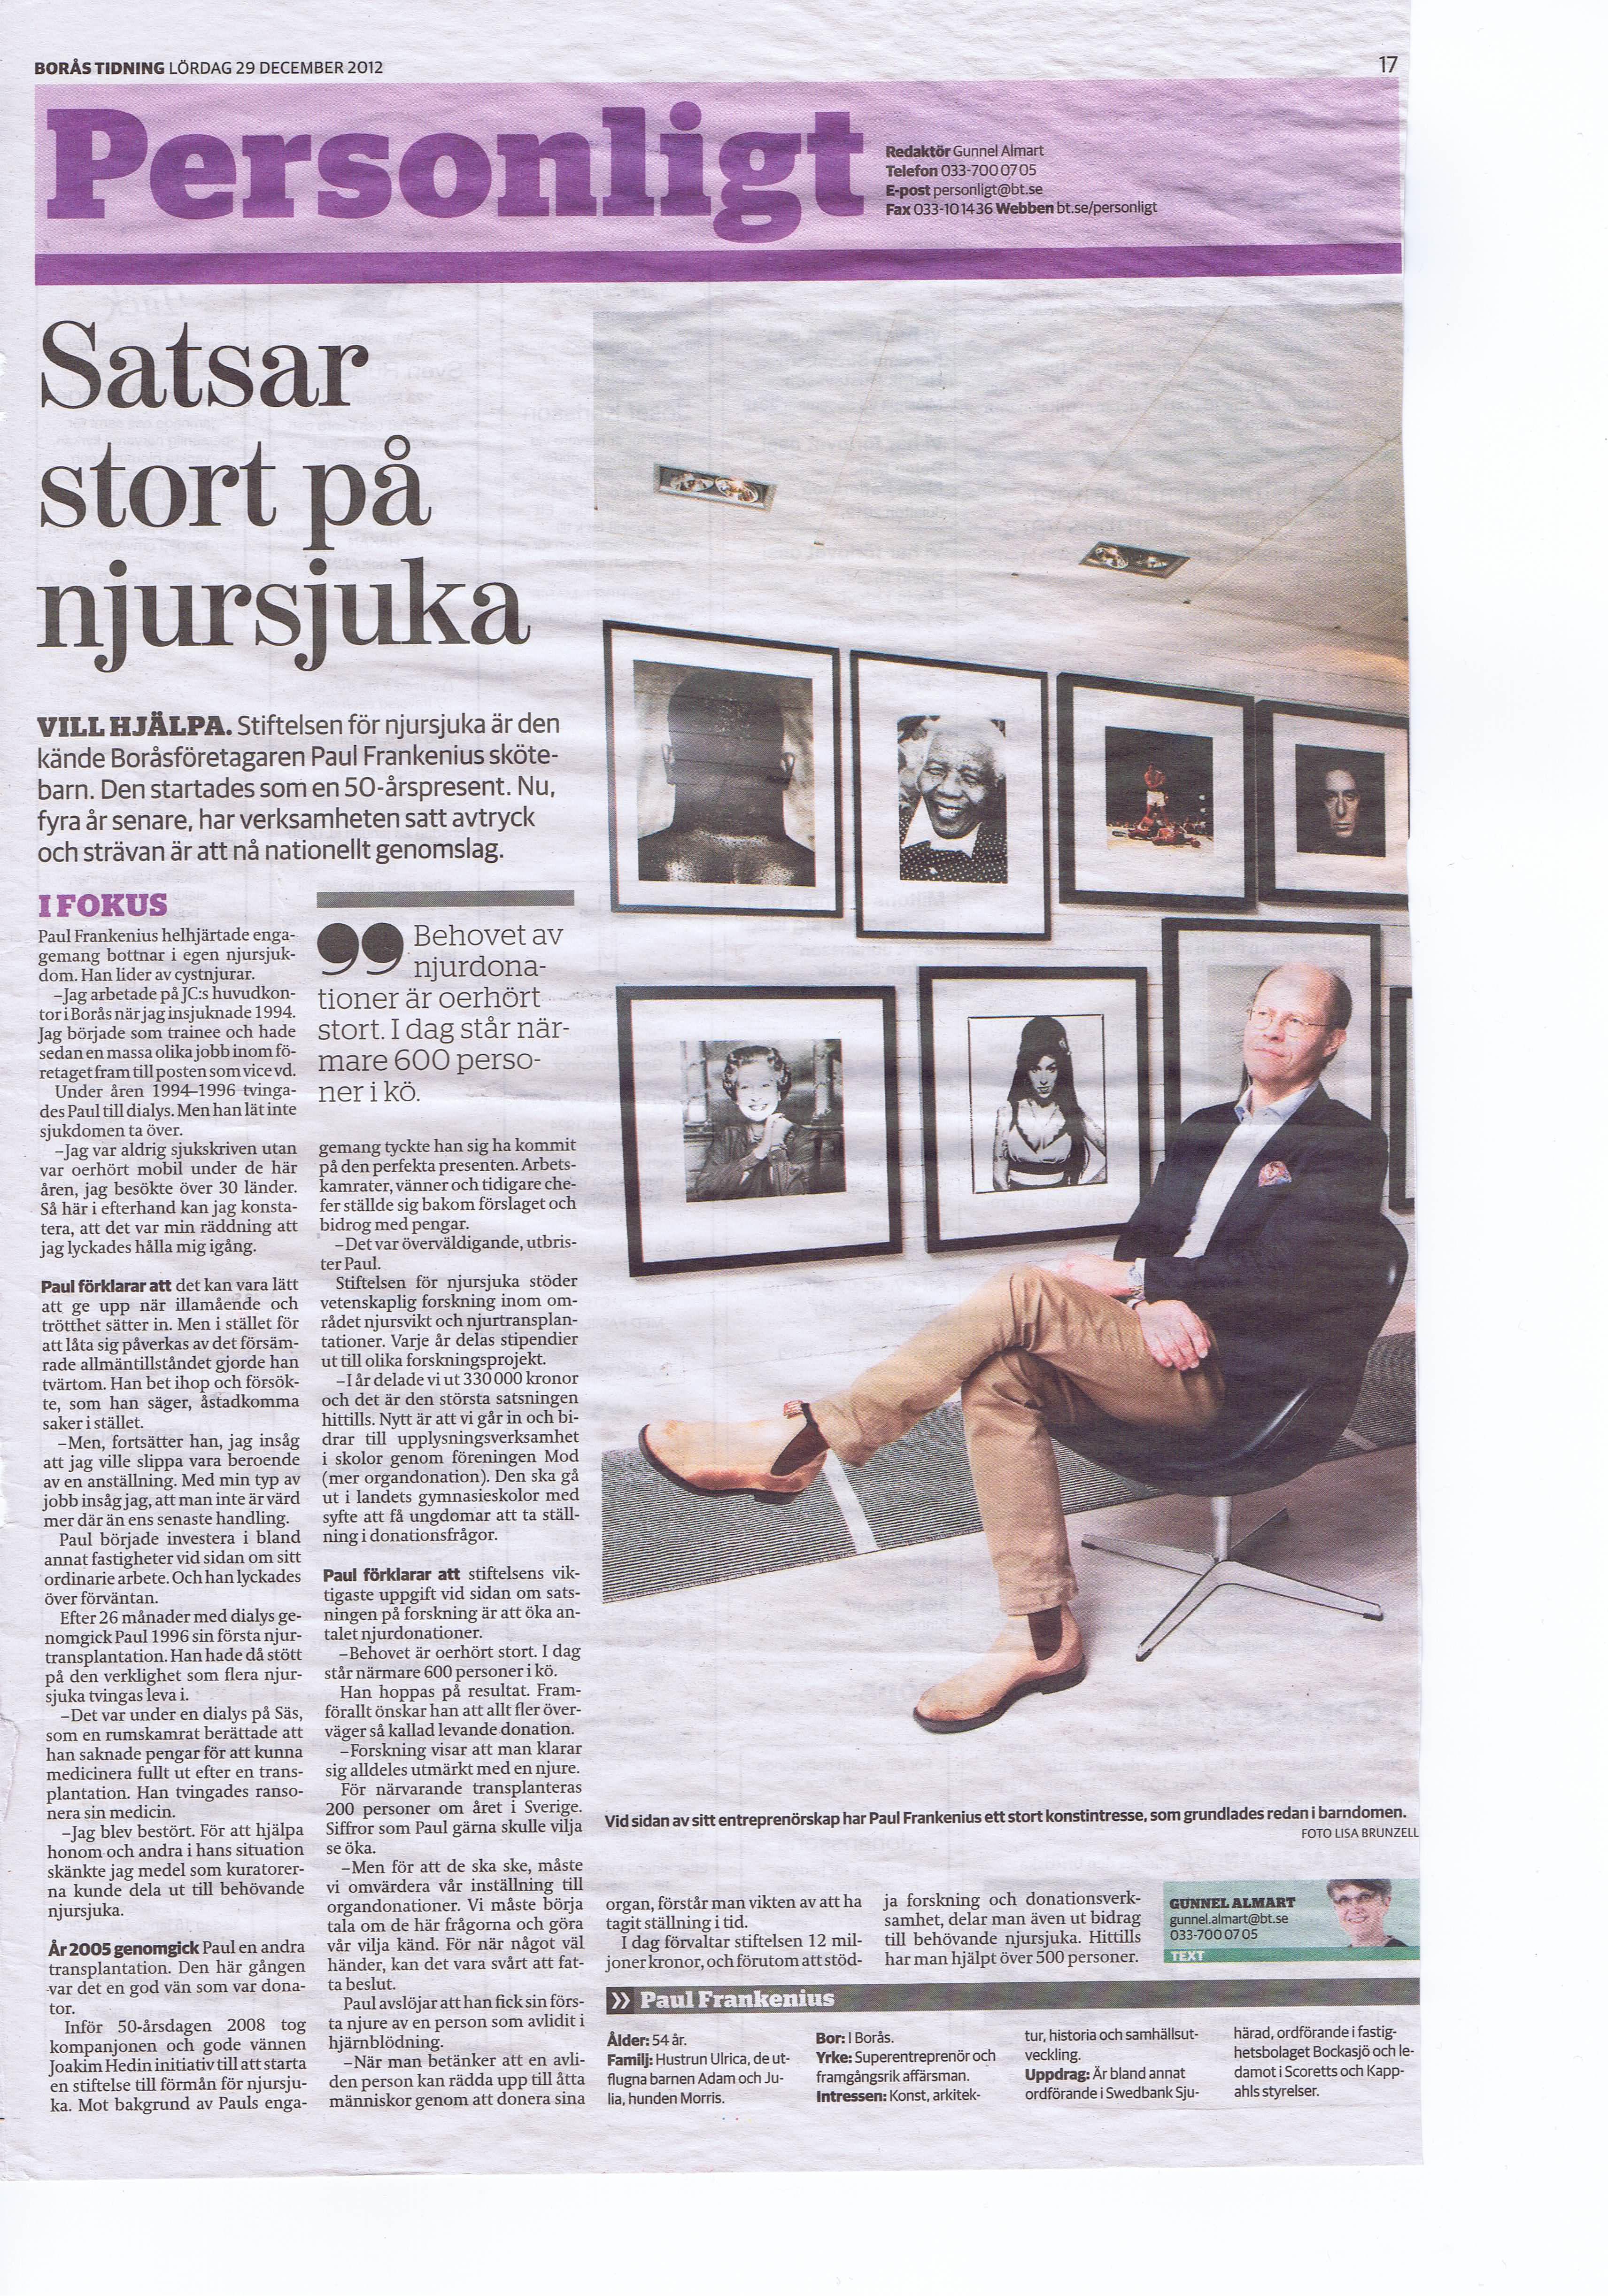 BT Njurstiftelsen 2012-12-29 del 4